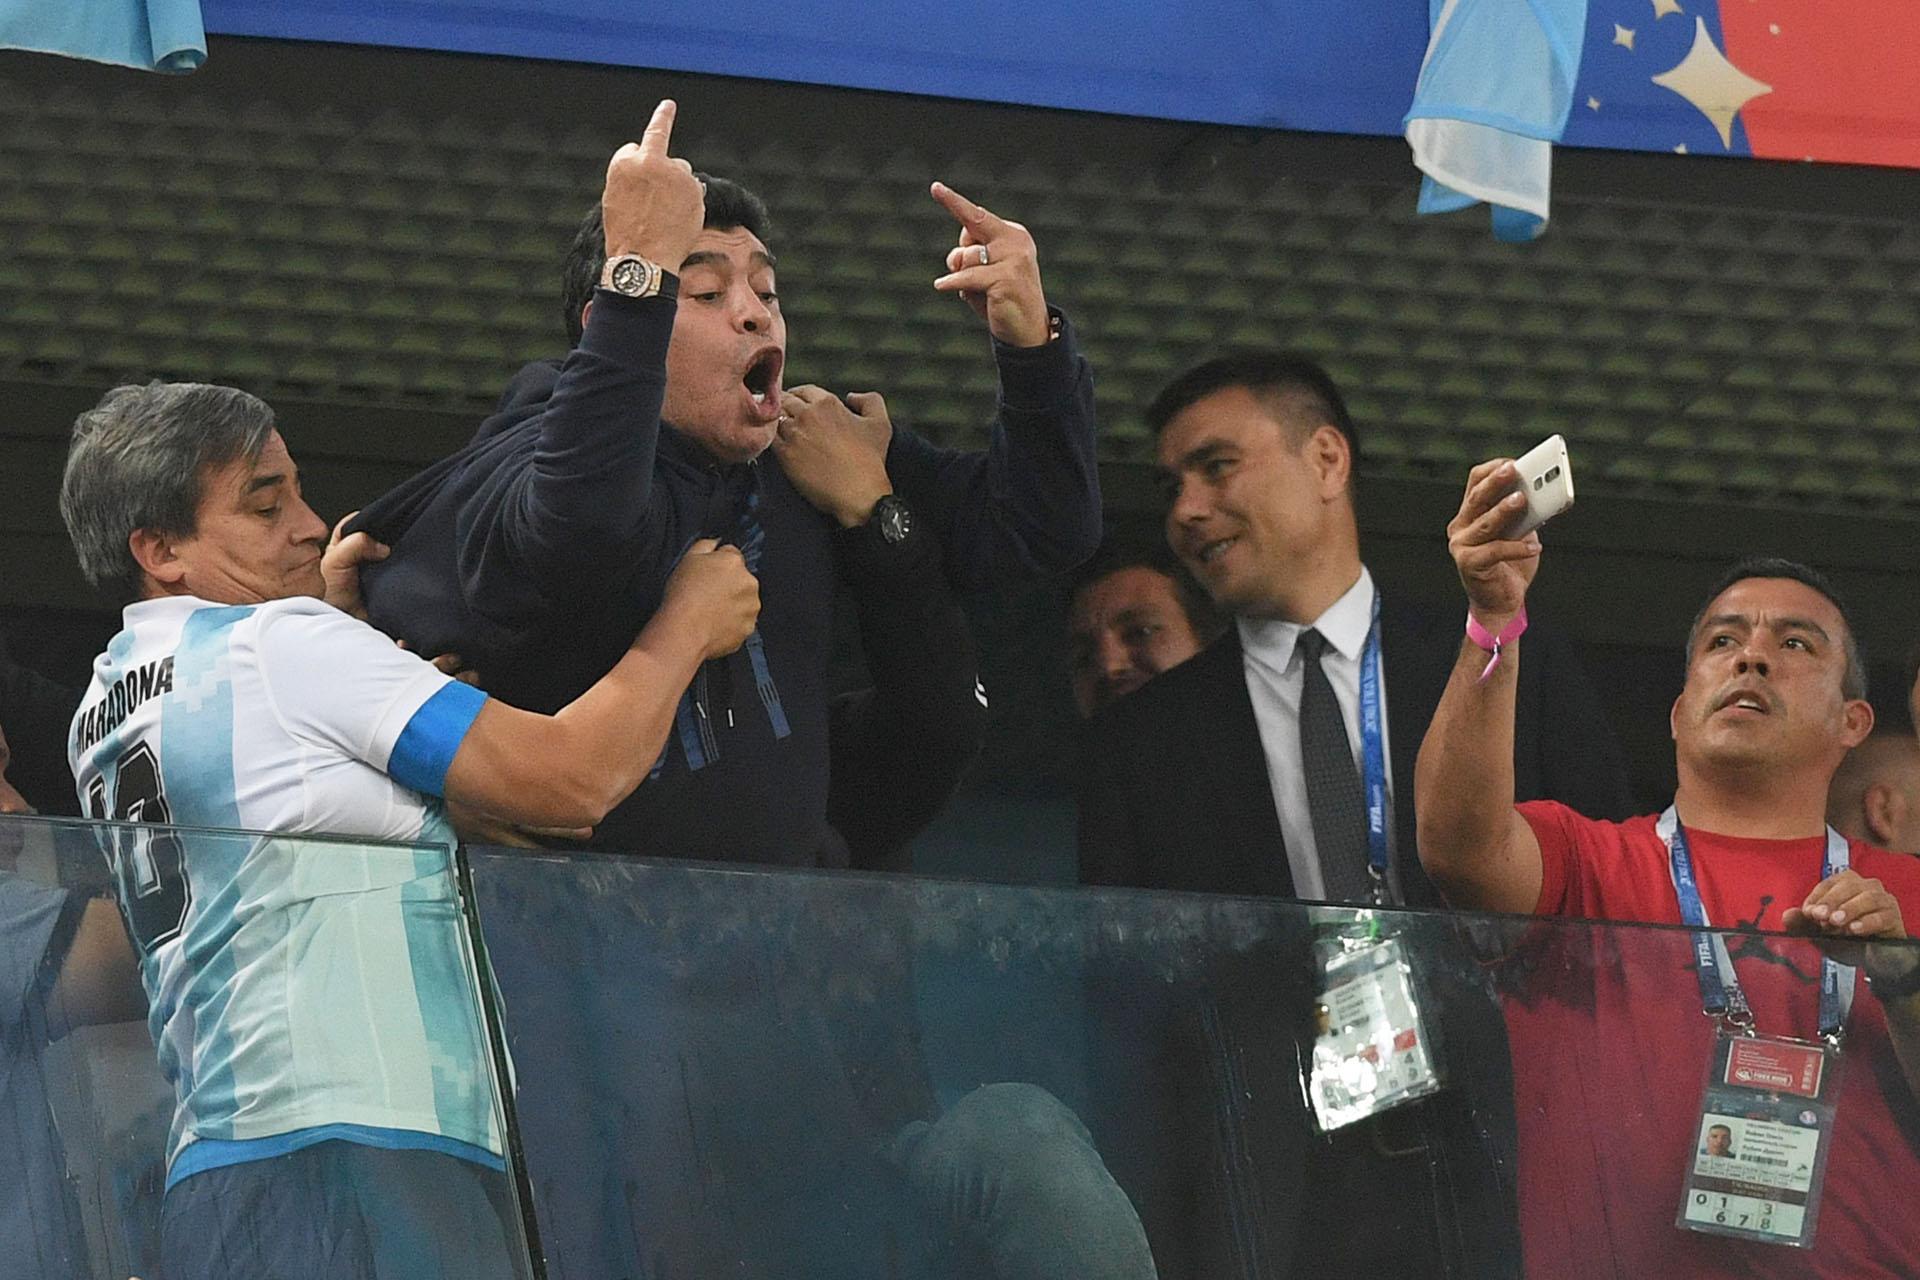 Diego Maradona celebró con euforia el triunfo de la Argentina ante Nigeria. Se emocionó tanto que terminó descompensado (AFP PHOTO / OLGA MALTSEVA)